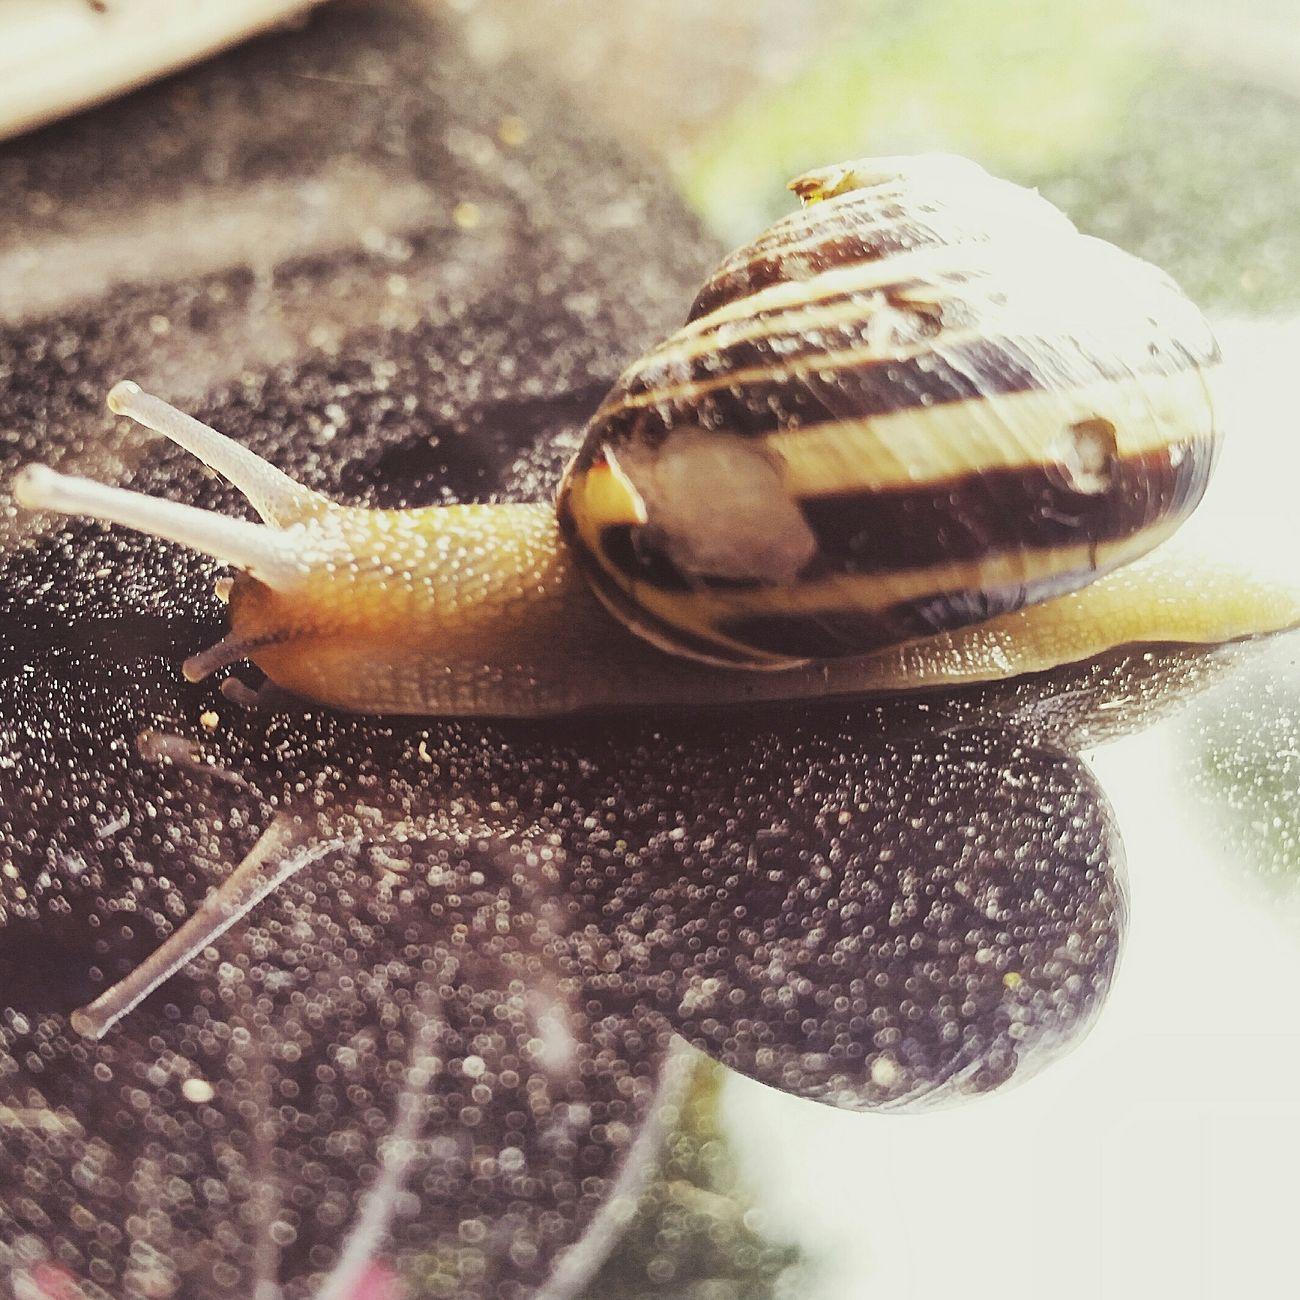 Photo Naturephotography Macro Photography Snail Slak